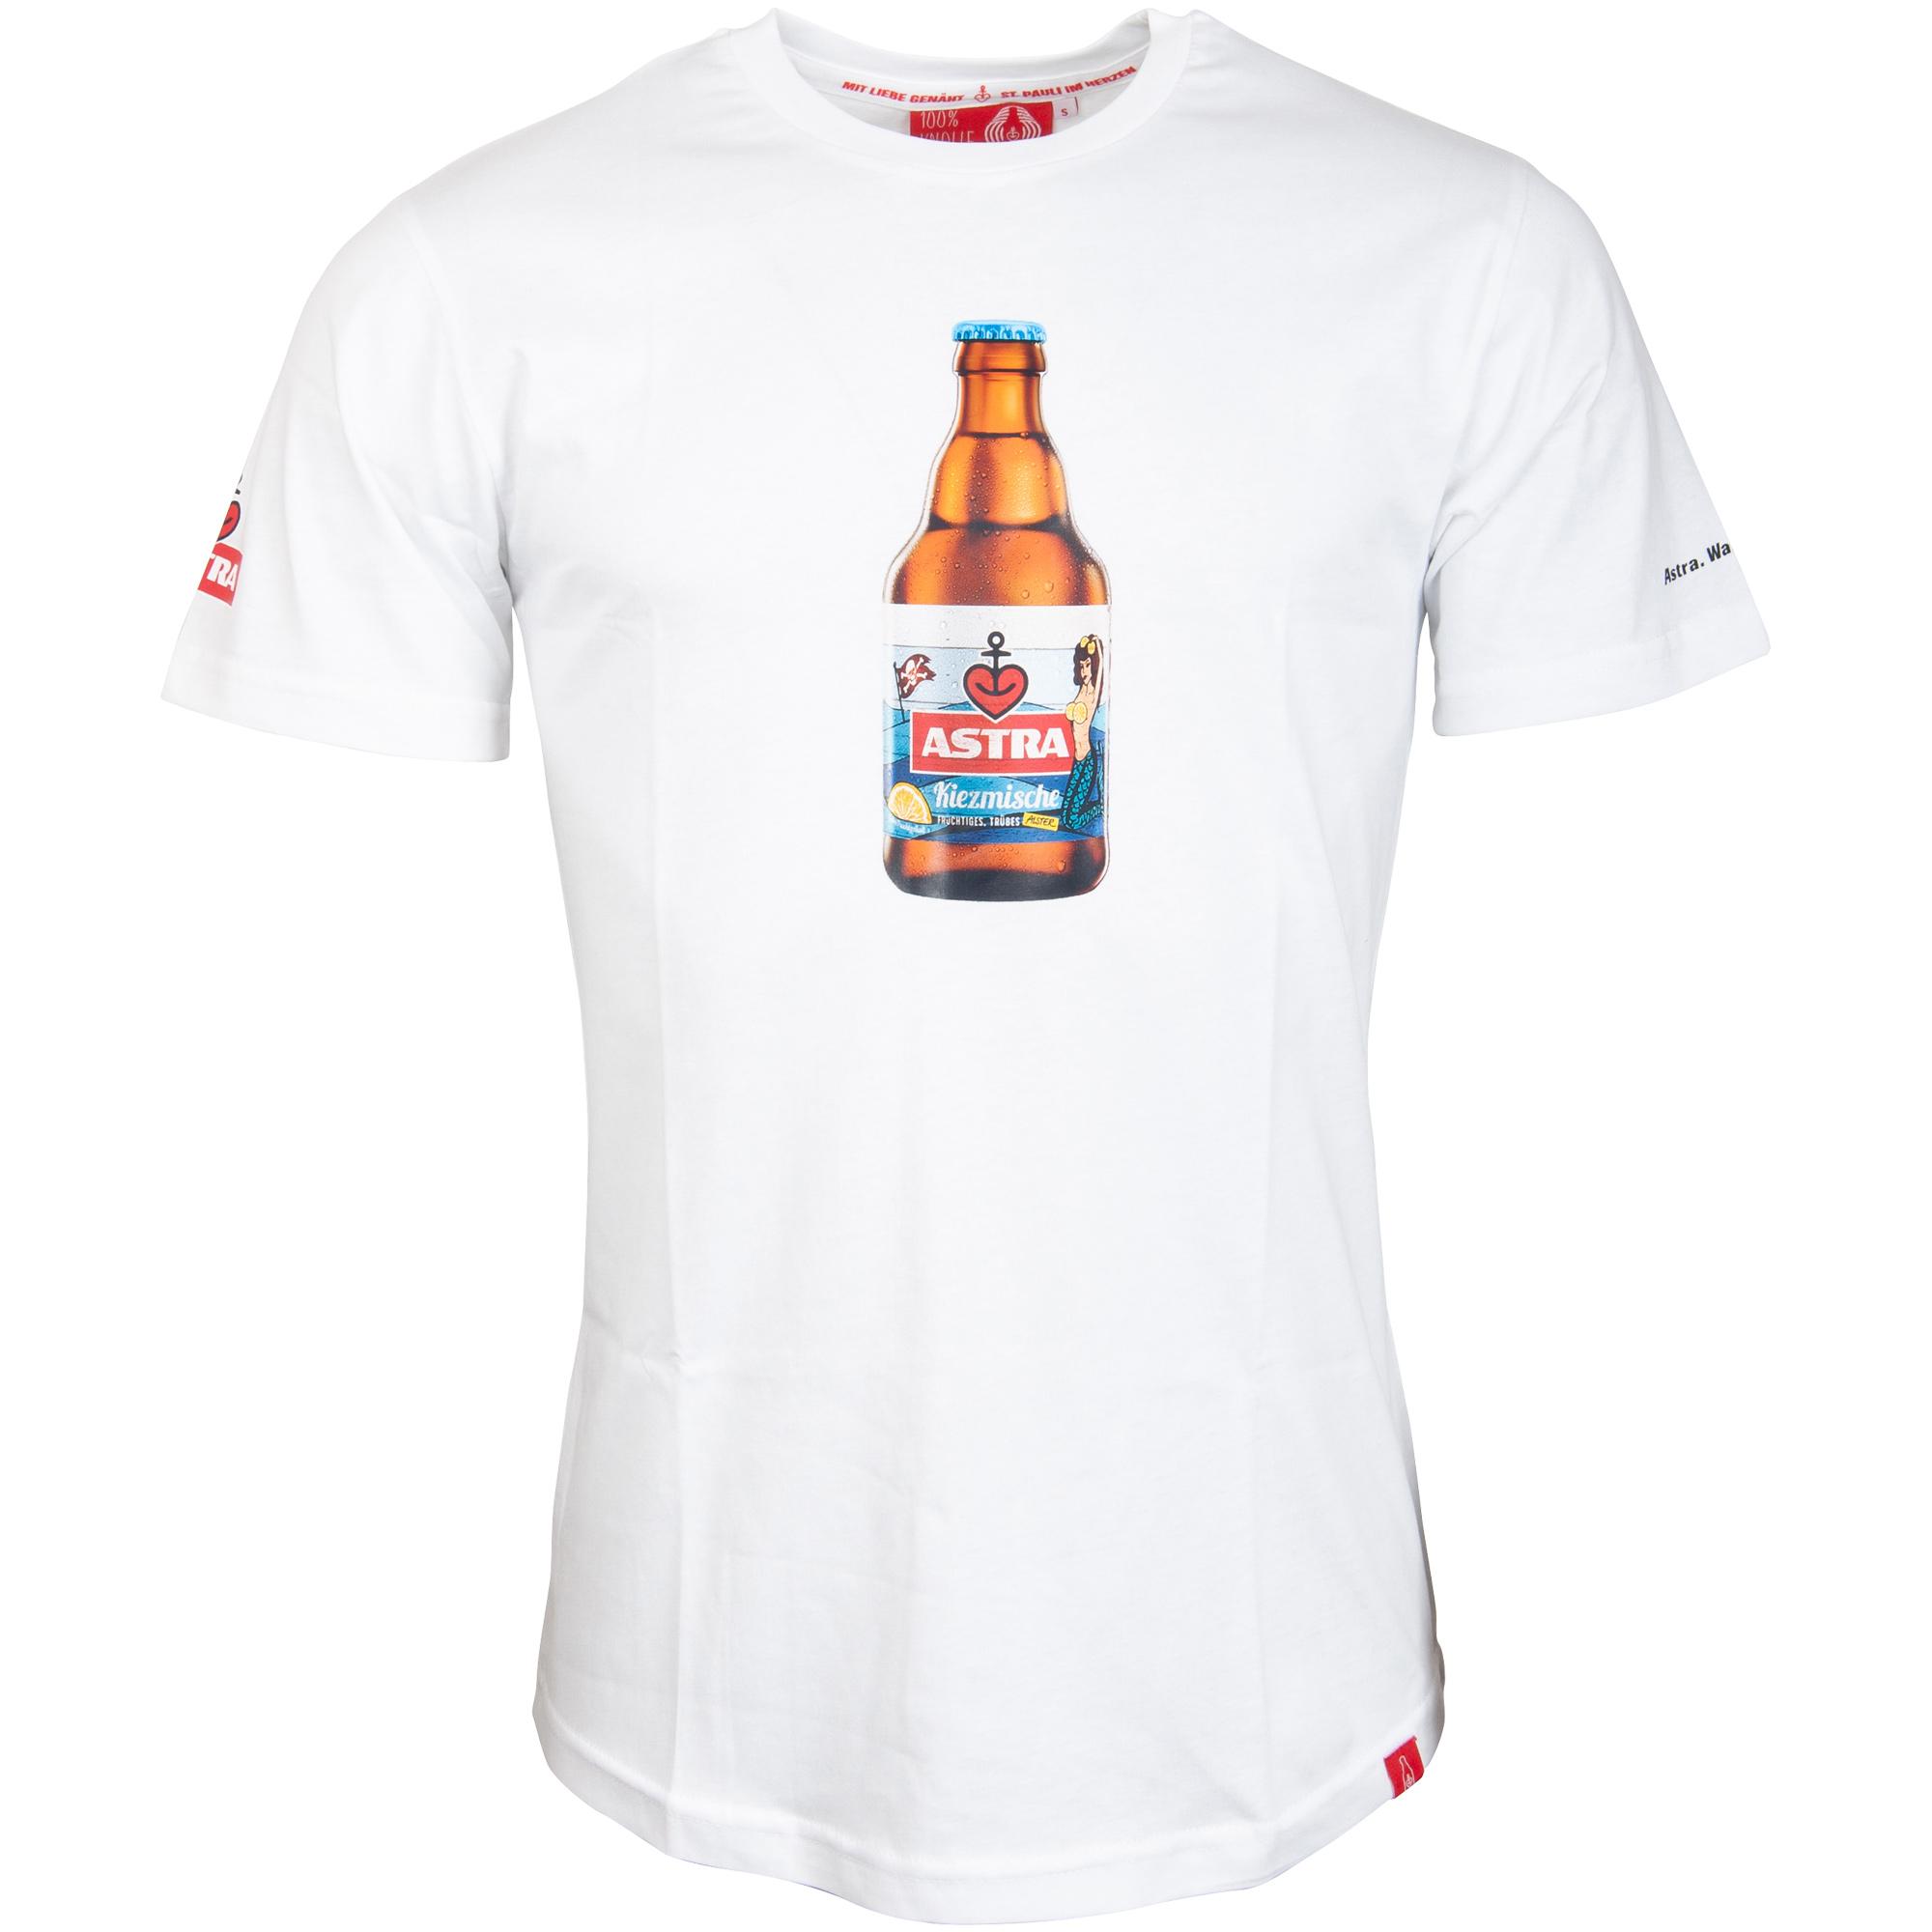 Astra - Herren T-Shirt Kiezmische Knolle